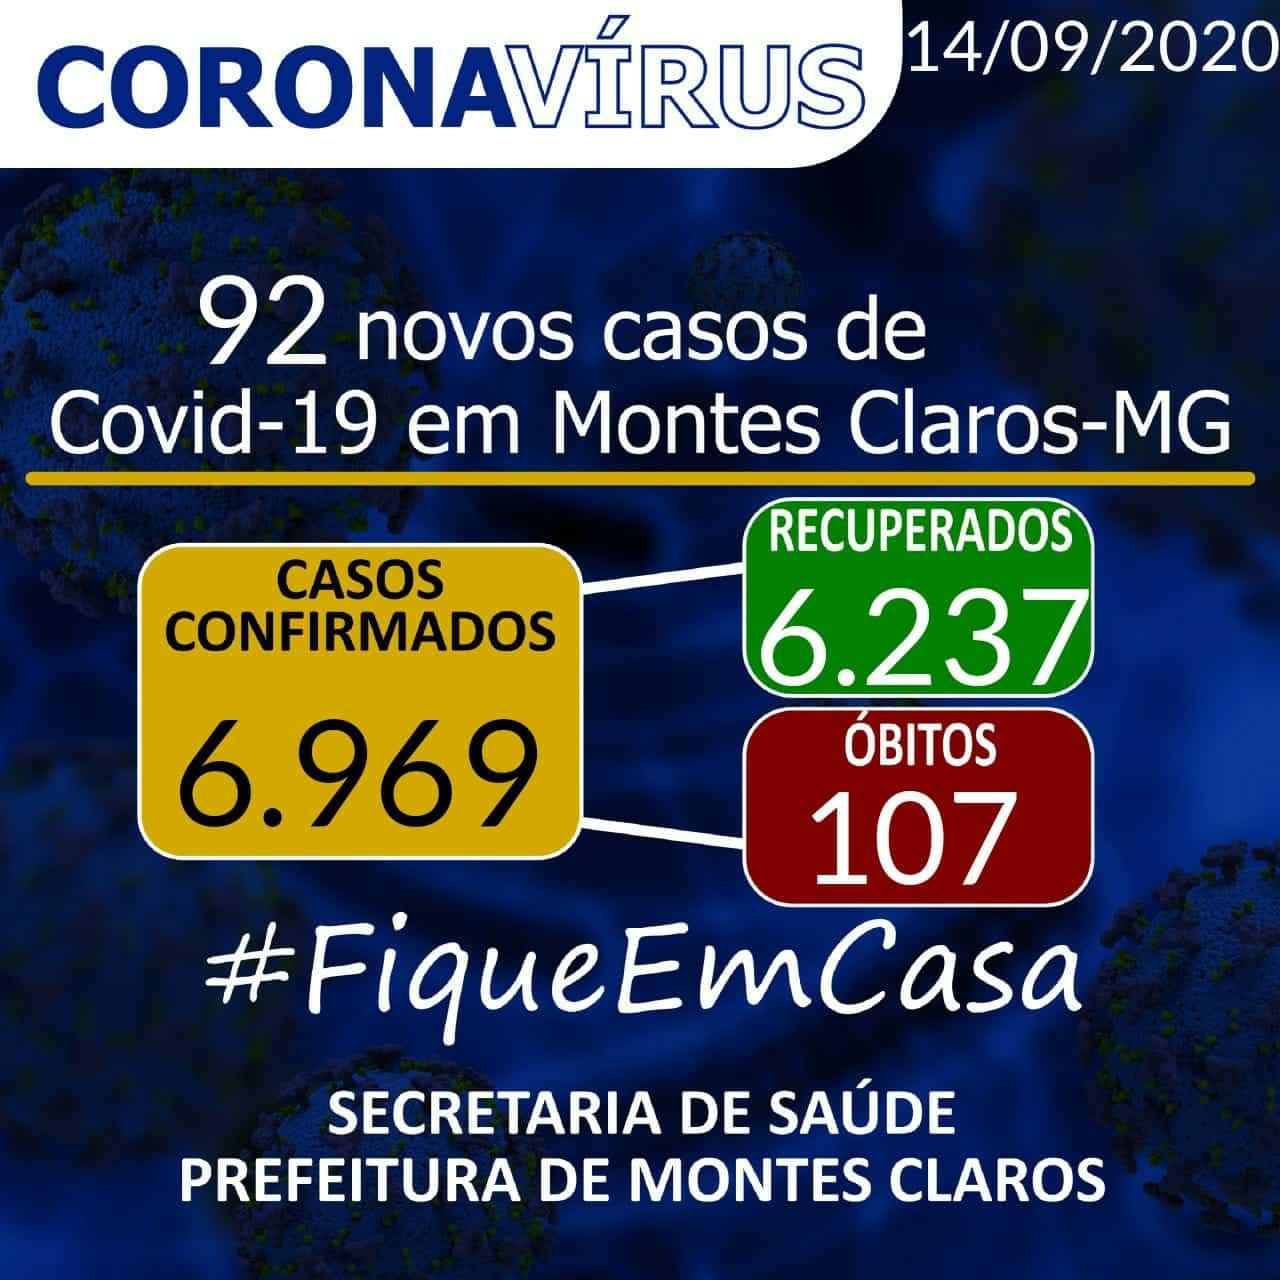 Montes Claros - A cidade de Montes Claros tem 92 novos casos do novo Coronavírus, e óbitos sobem para 107